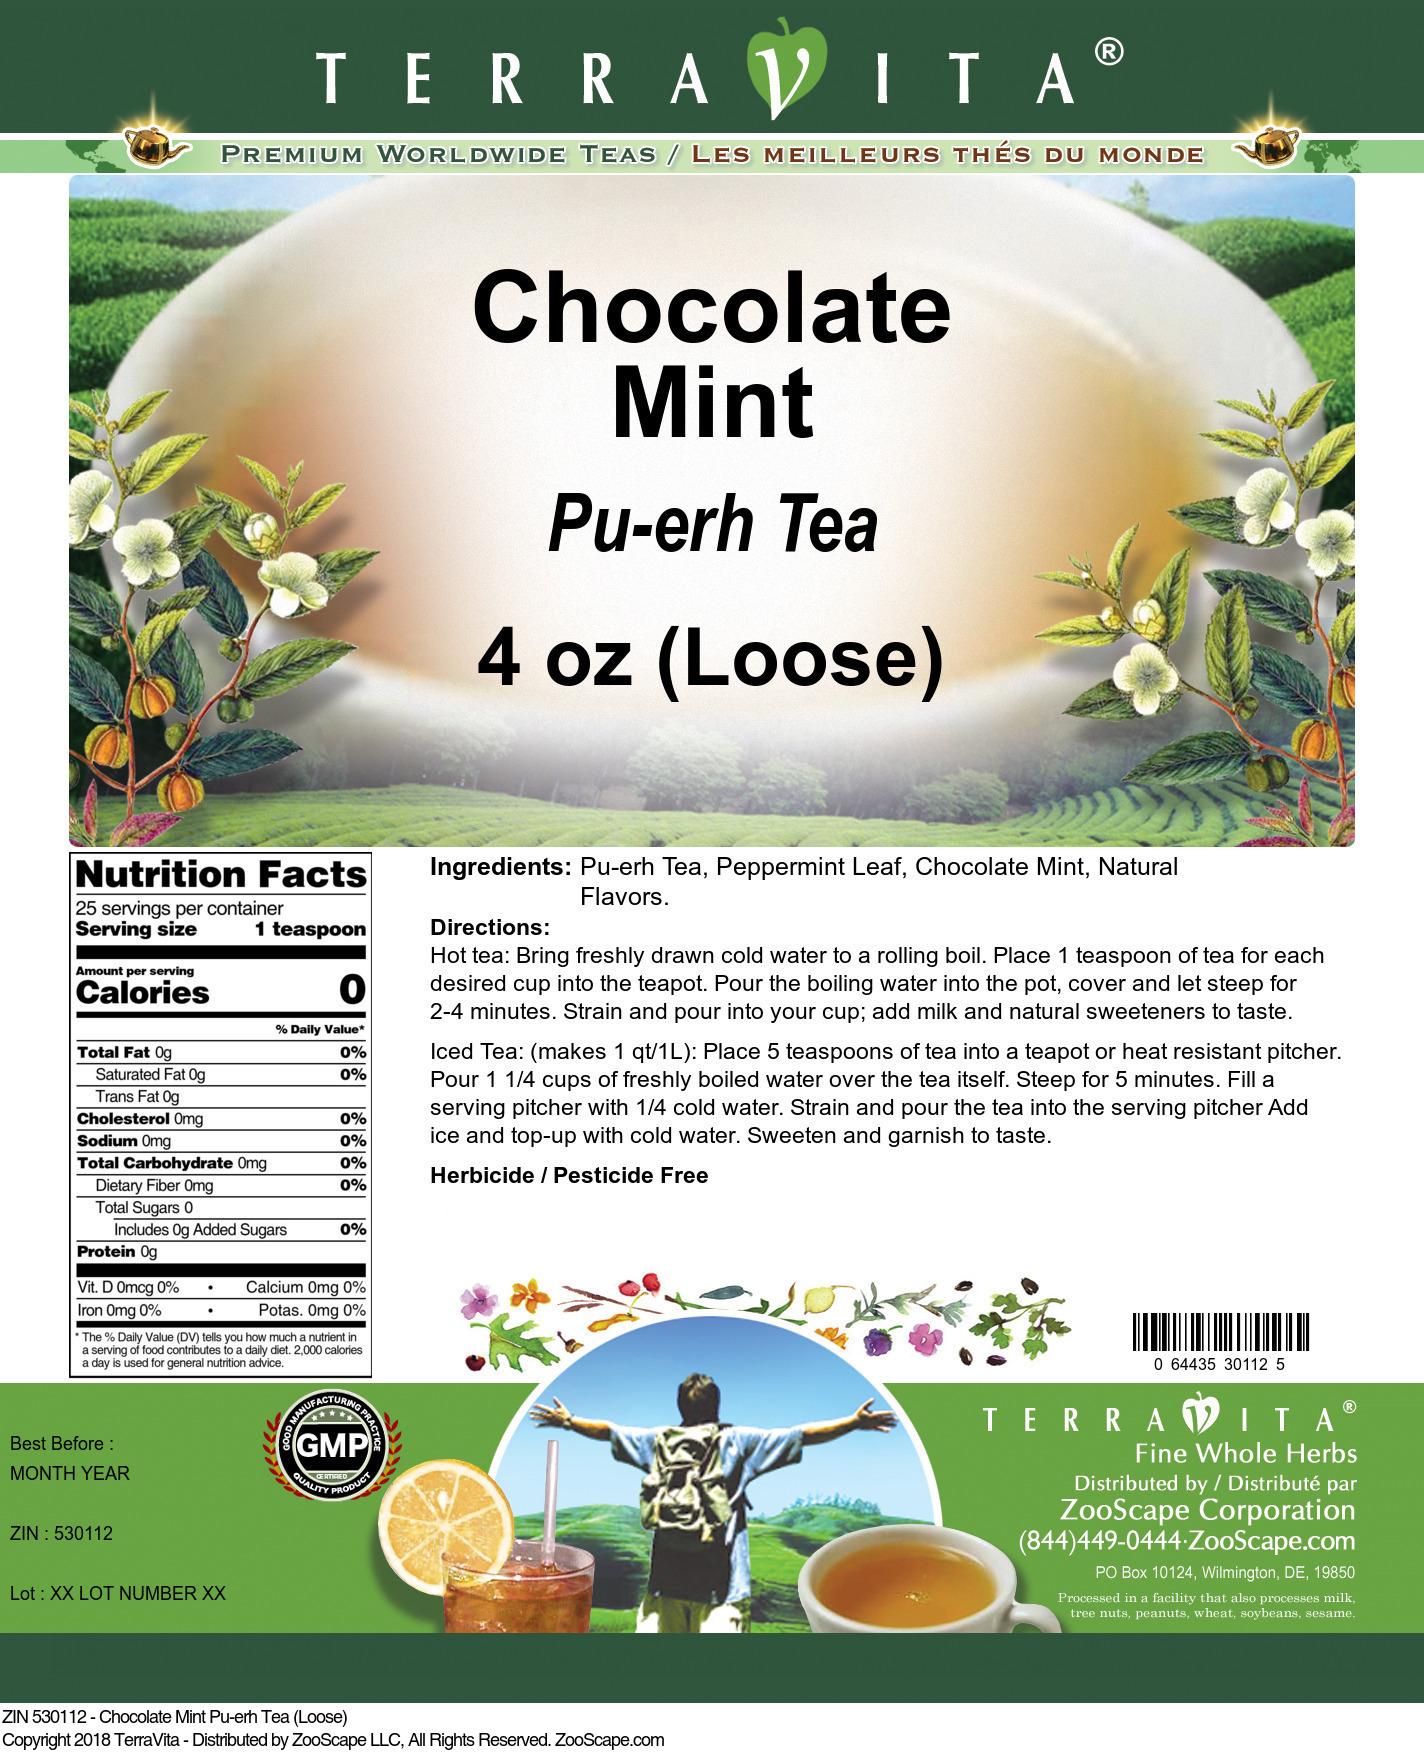 Chocolate Mint Pu-erh Tea (Loose)